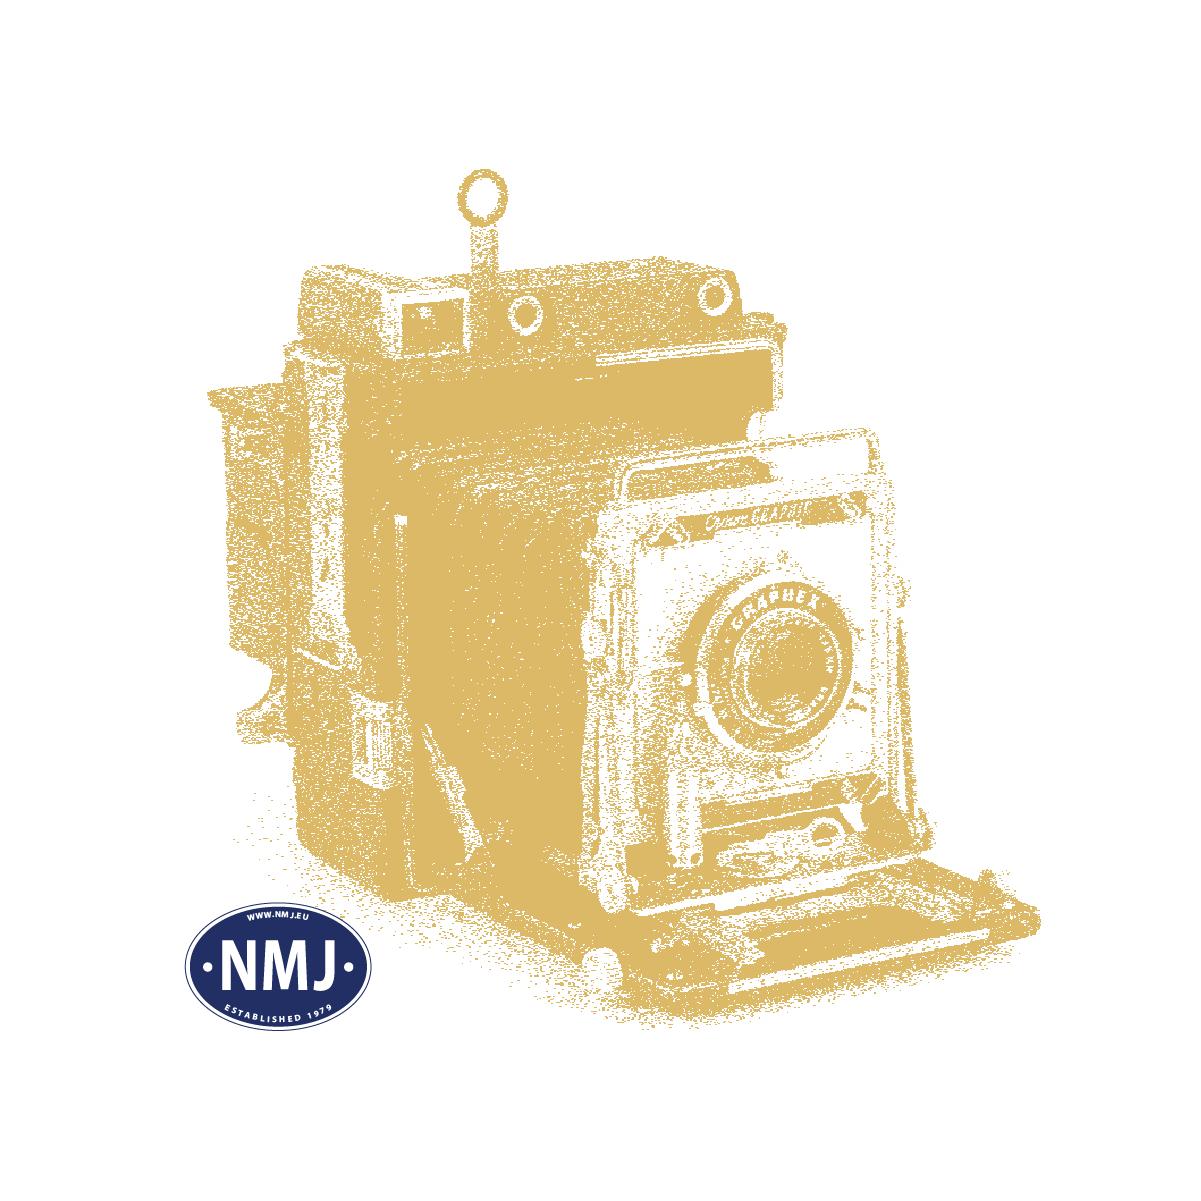 LITRMGB8NG - Tilbakemeldingsmodul med opptattmelder, 8 Utganger, s88(N)